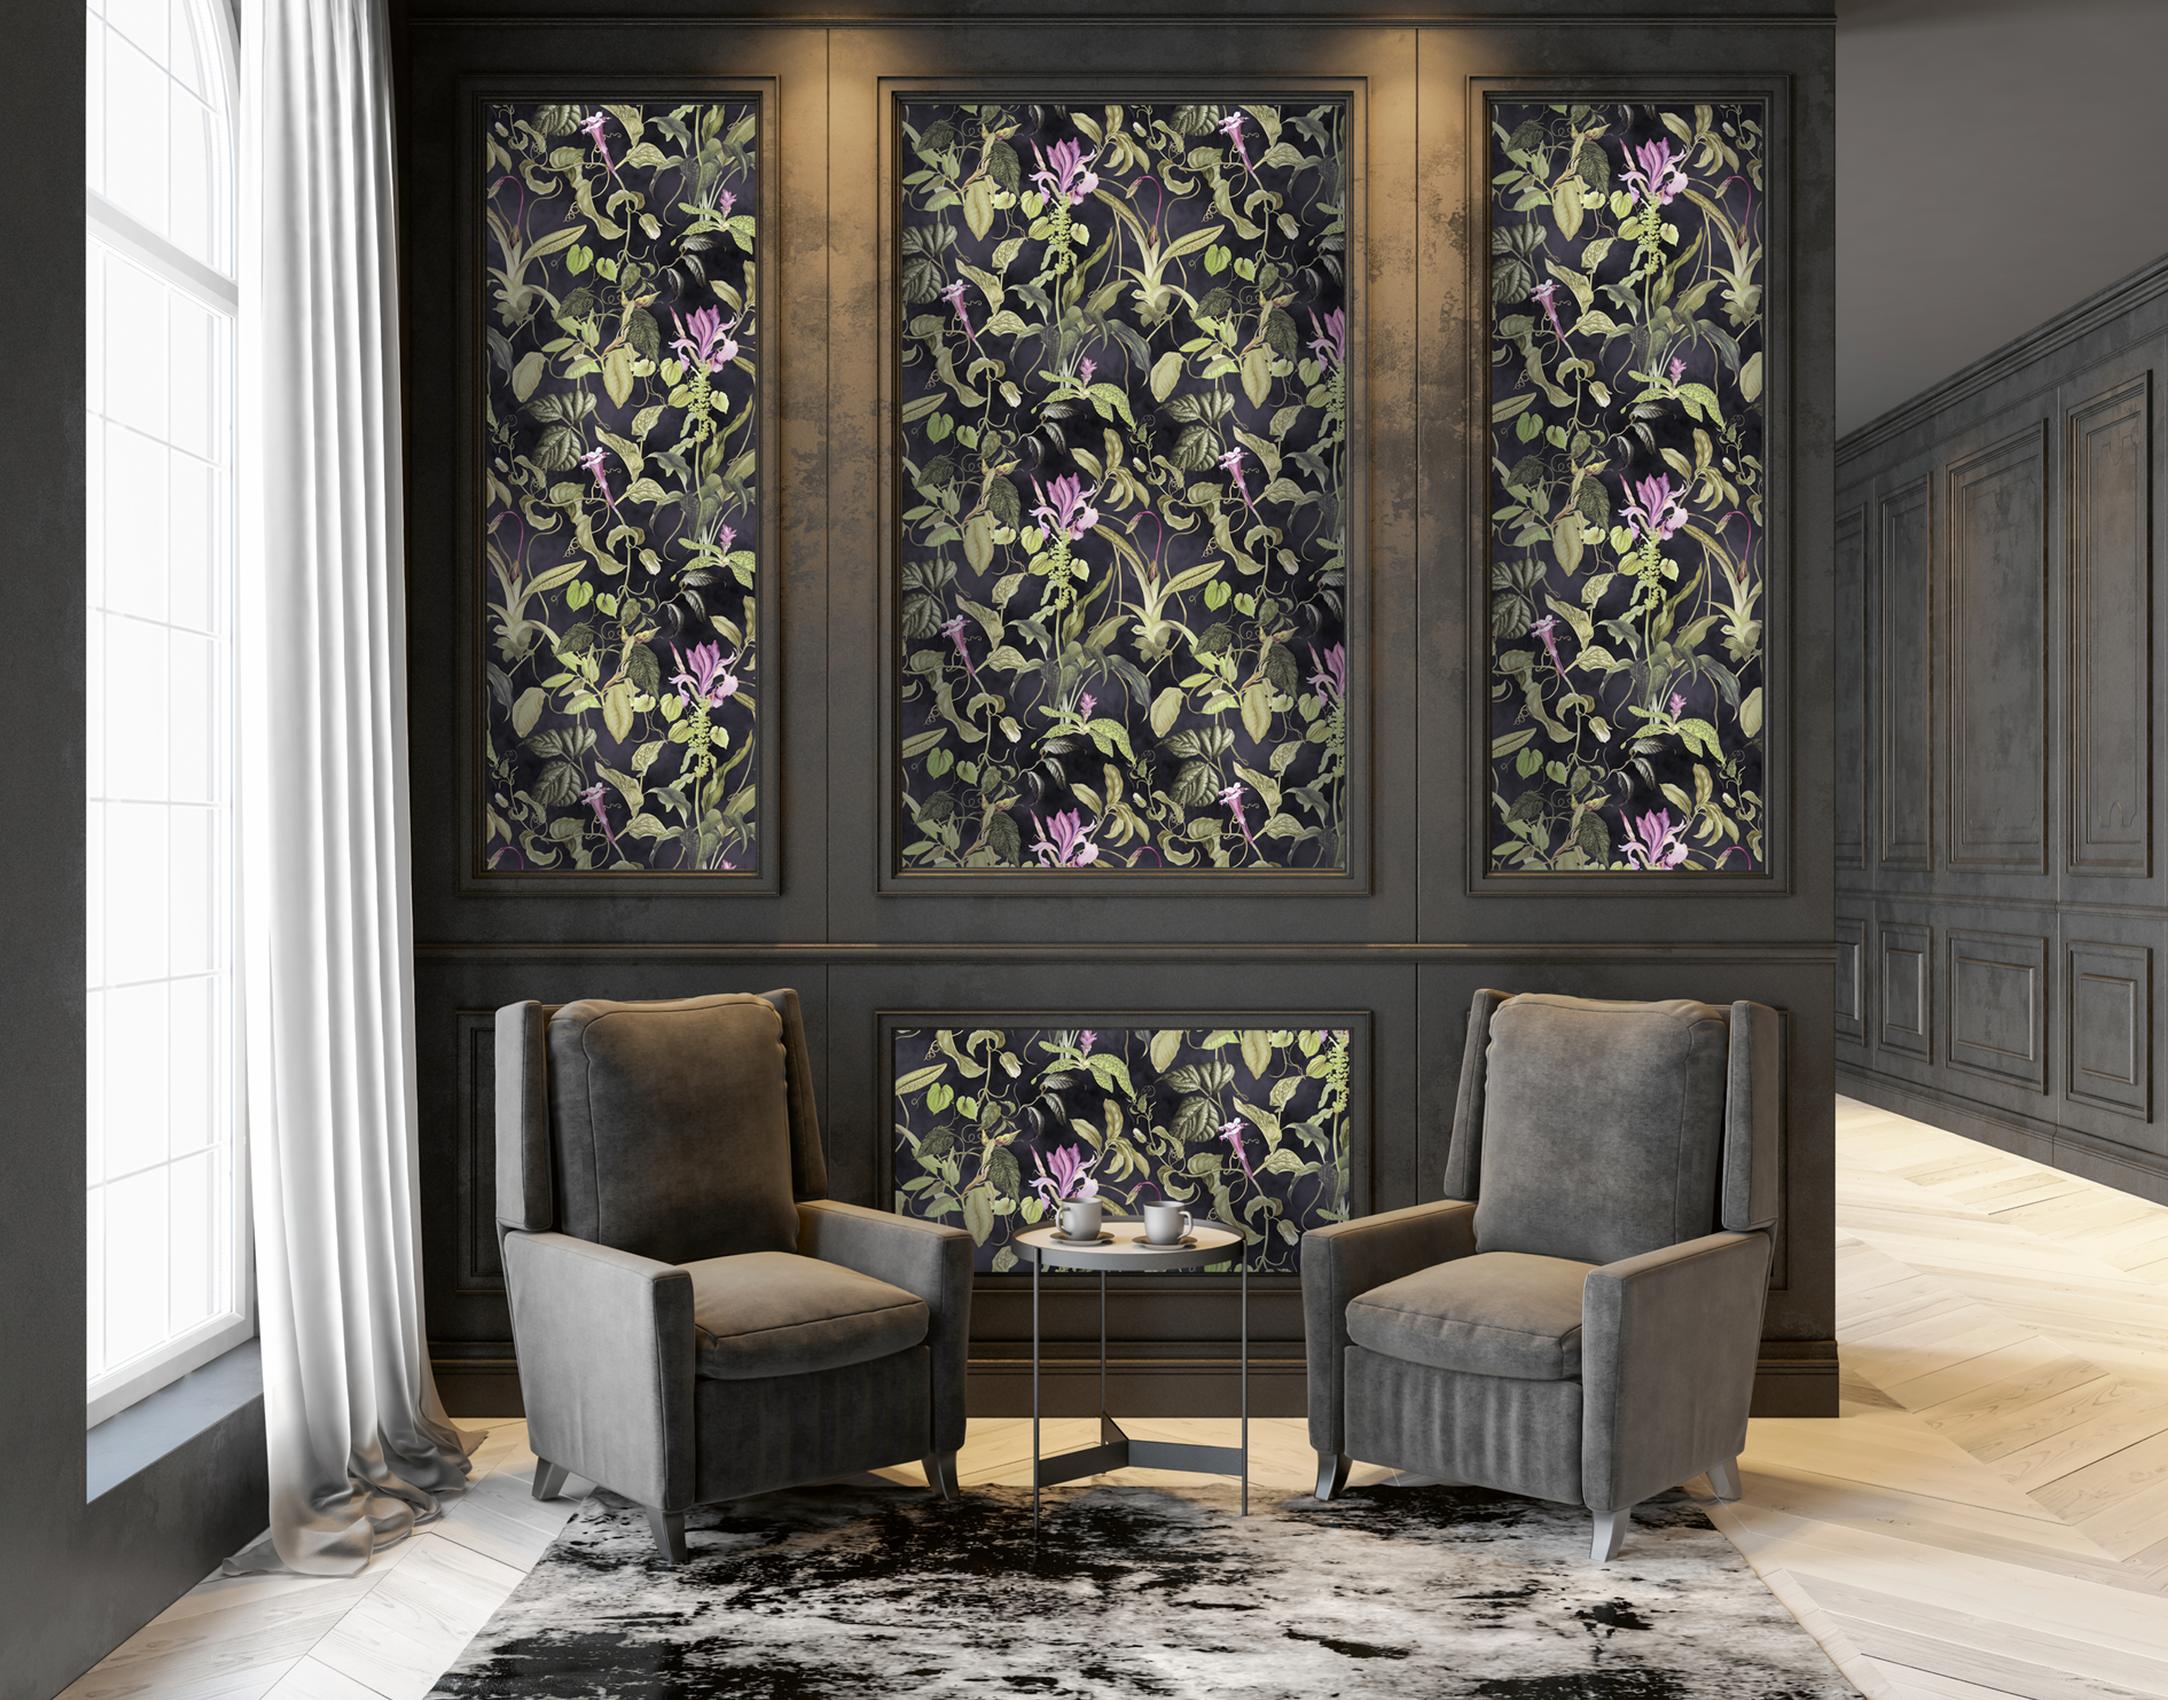 Elegantes Wohnzimmer mit tapezierten Wandkasetten, Michalsky Tapete floral mit schwarzem Hintergrund, AS379884